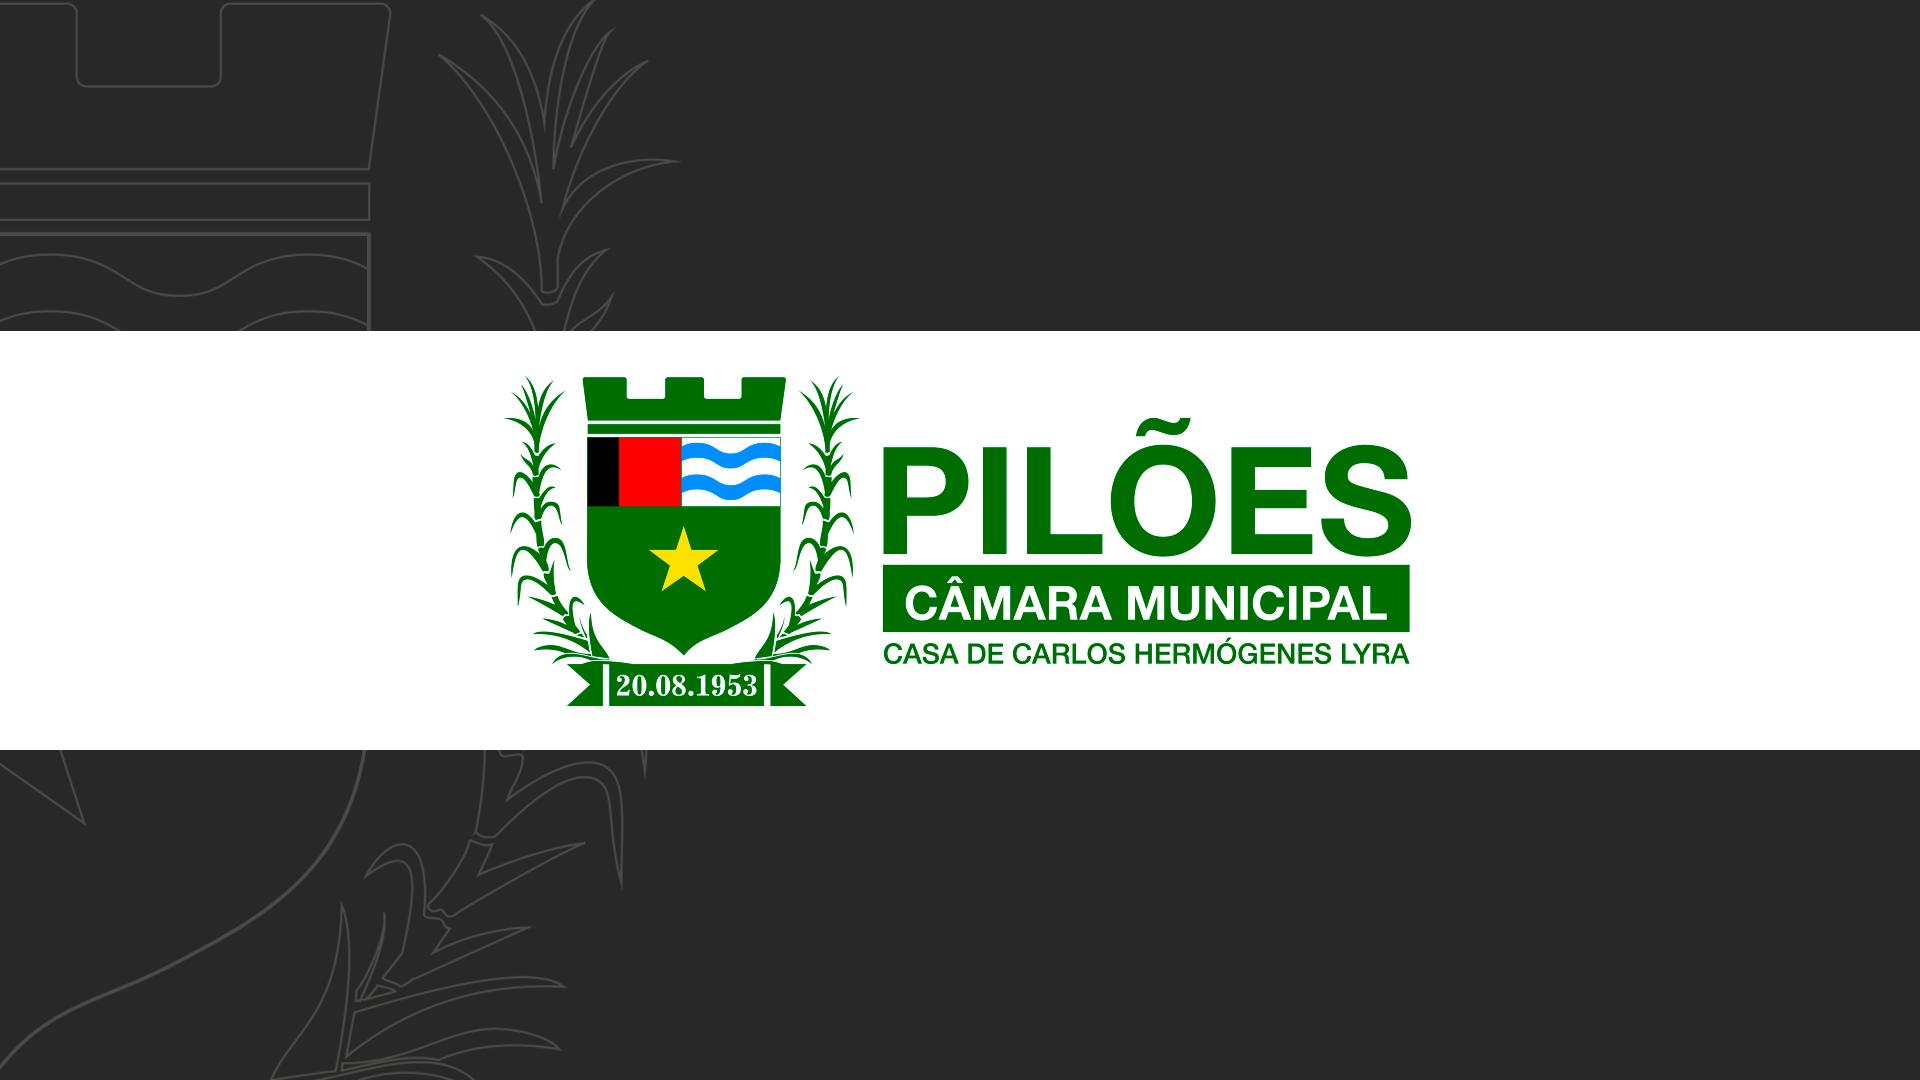 Câmara Municipal de Pilões